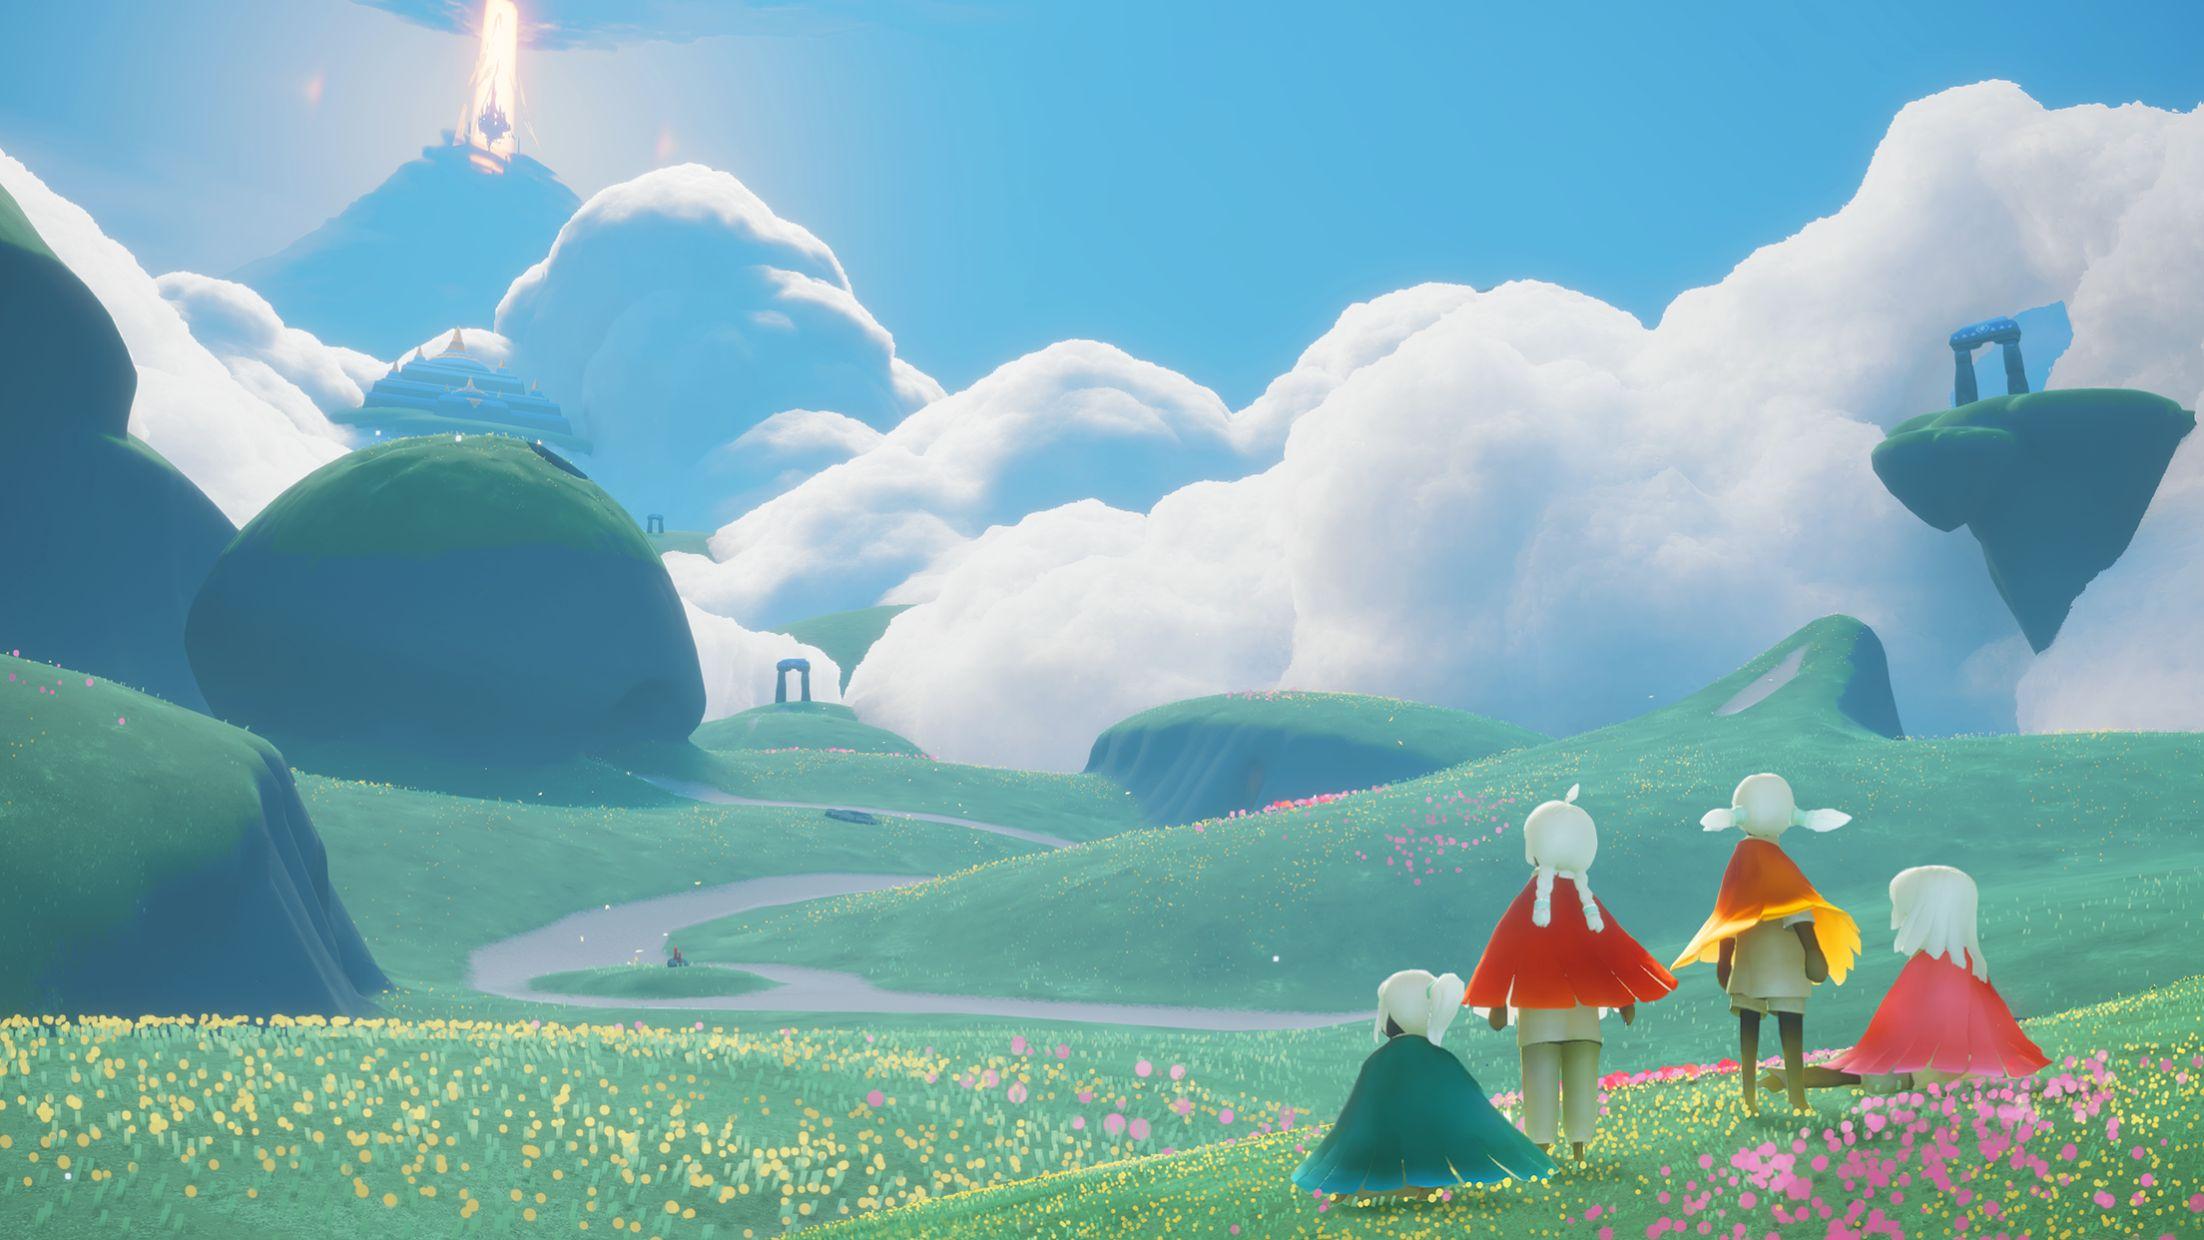 [BETA] Sky光·遇(抢先体验) 游戏截图2